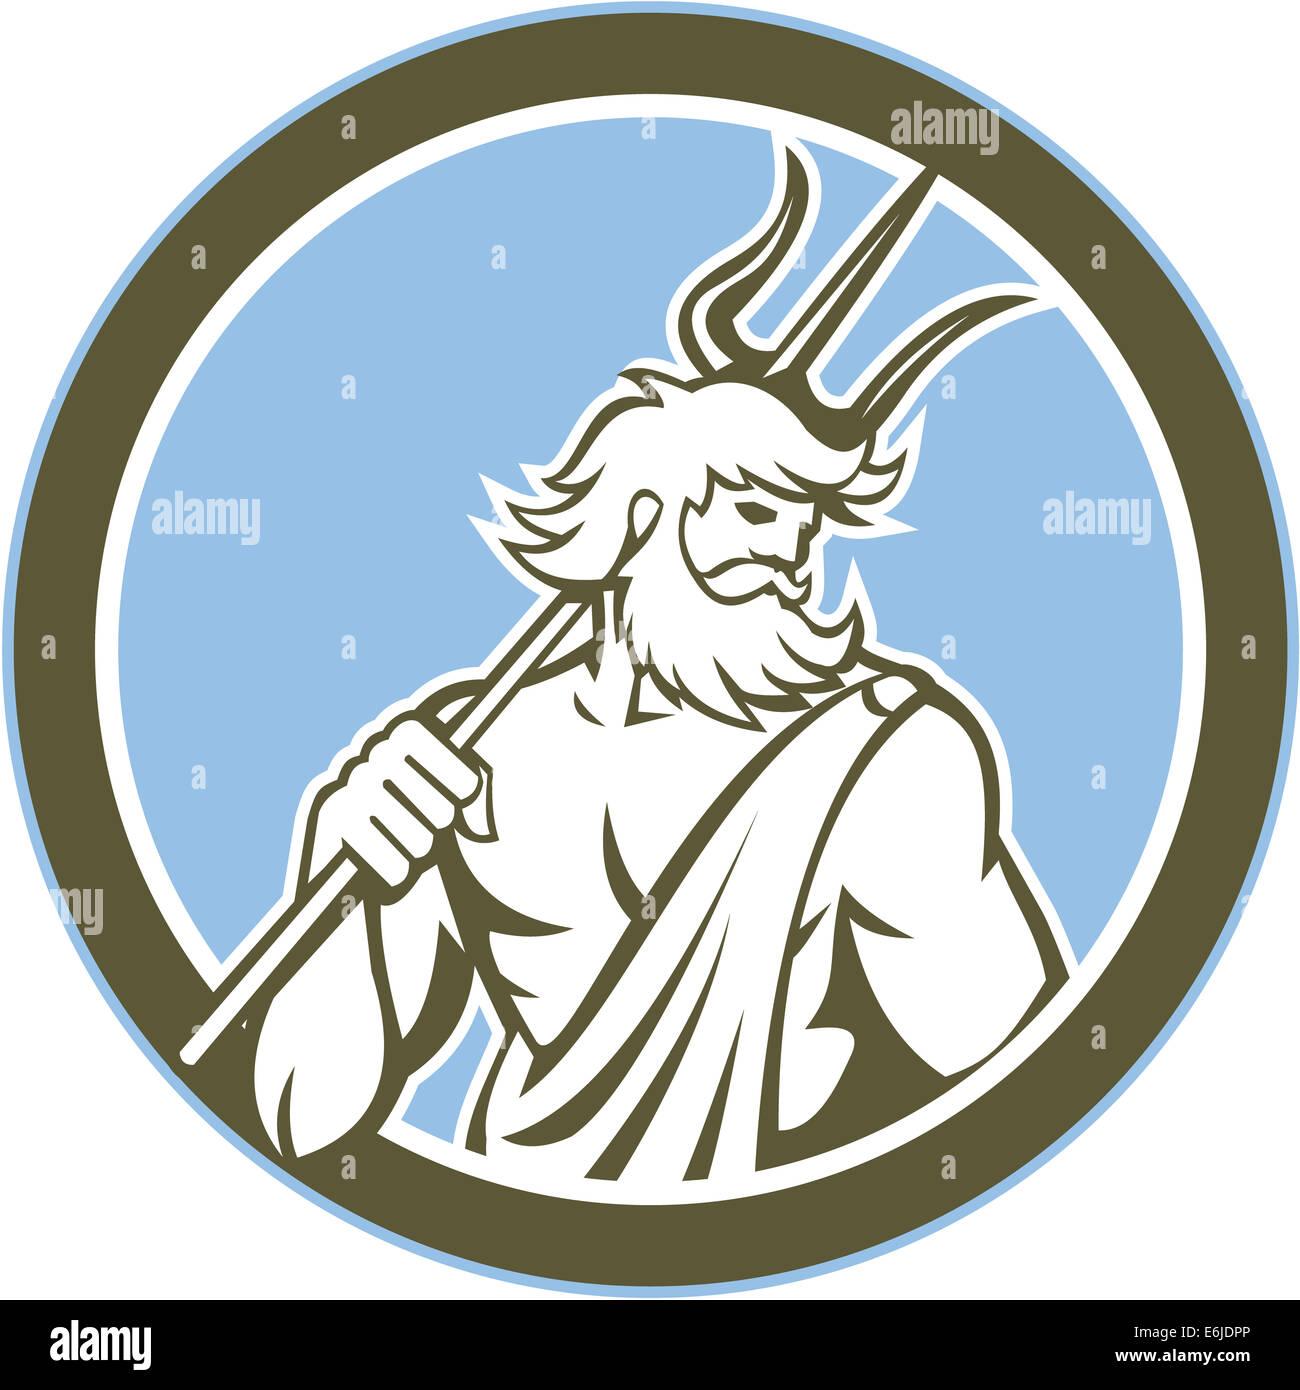 illustration of roman god of sea neptune poseidon of greek